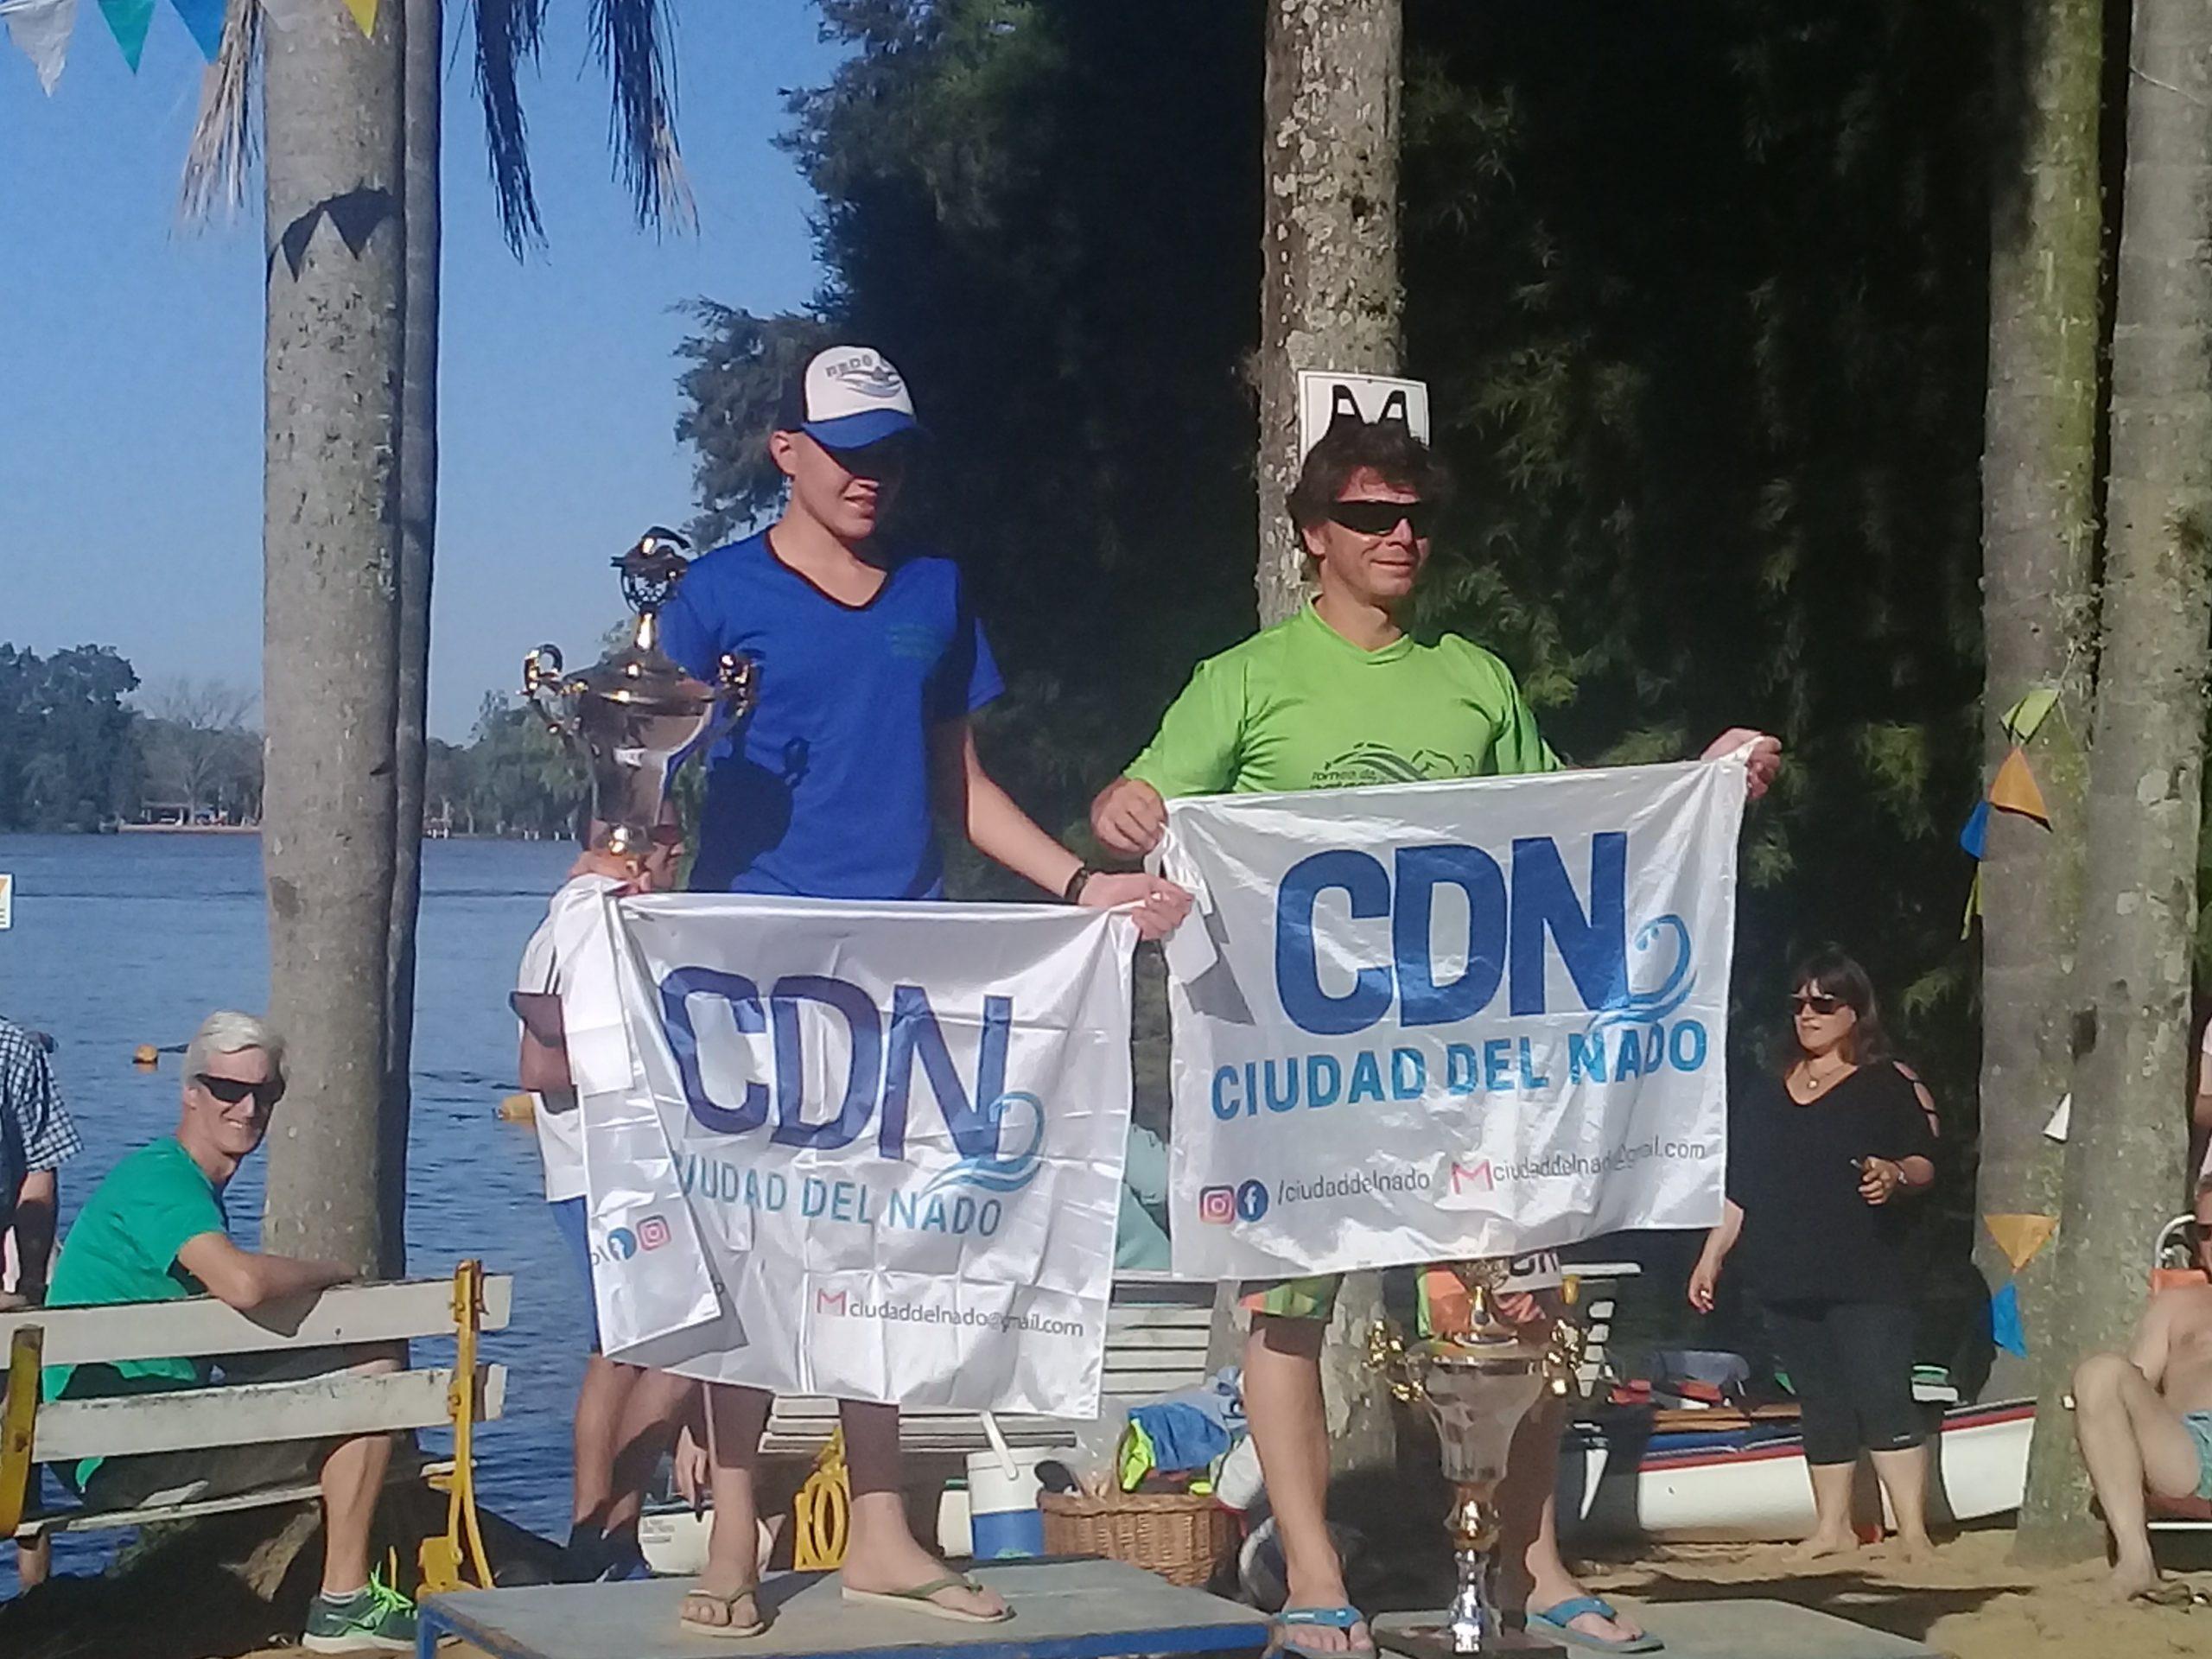 La 5ta edición del Maratón Acuático de Escobar fue un éxito total